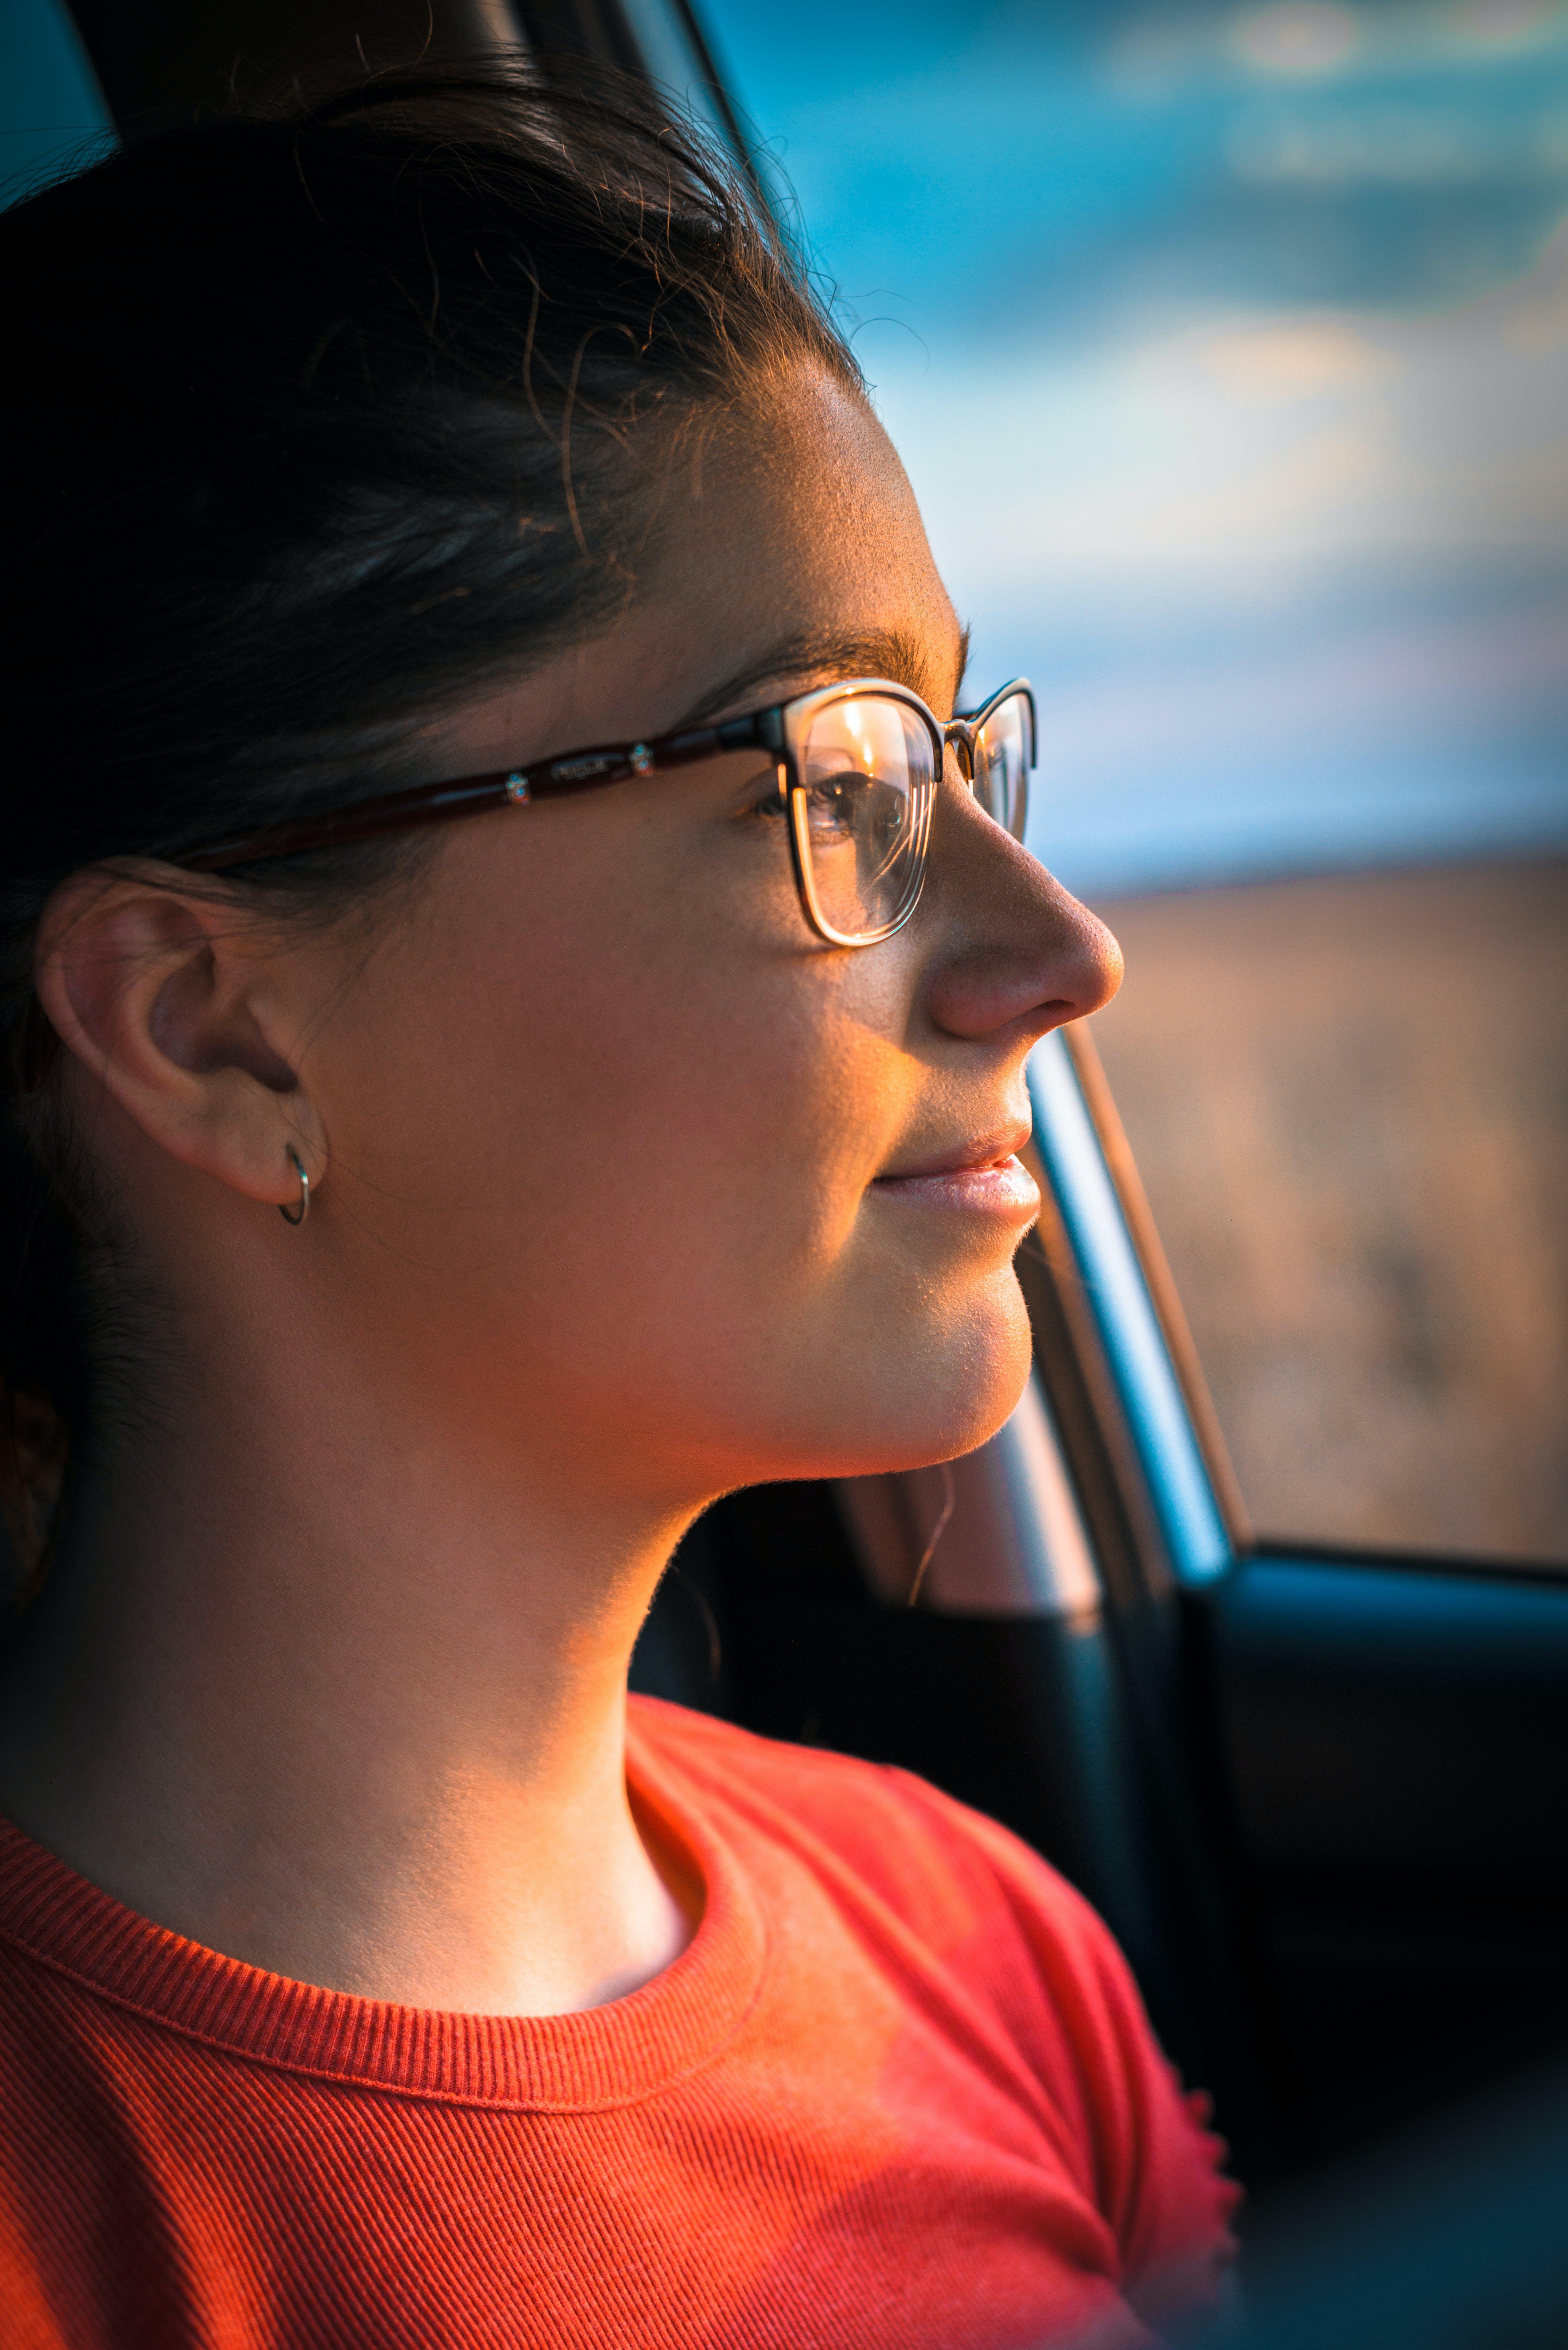 Woman in Orange Crew-neck Top Near Car Door